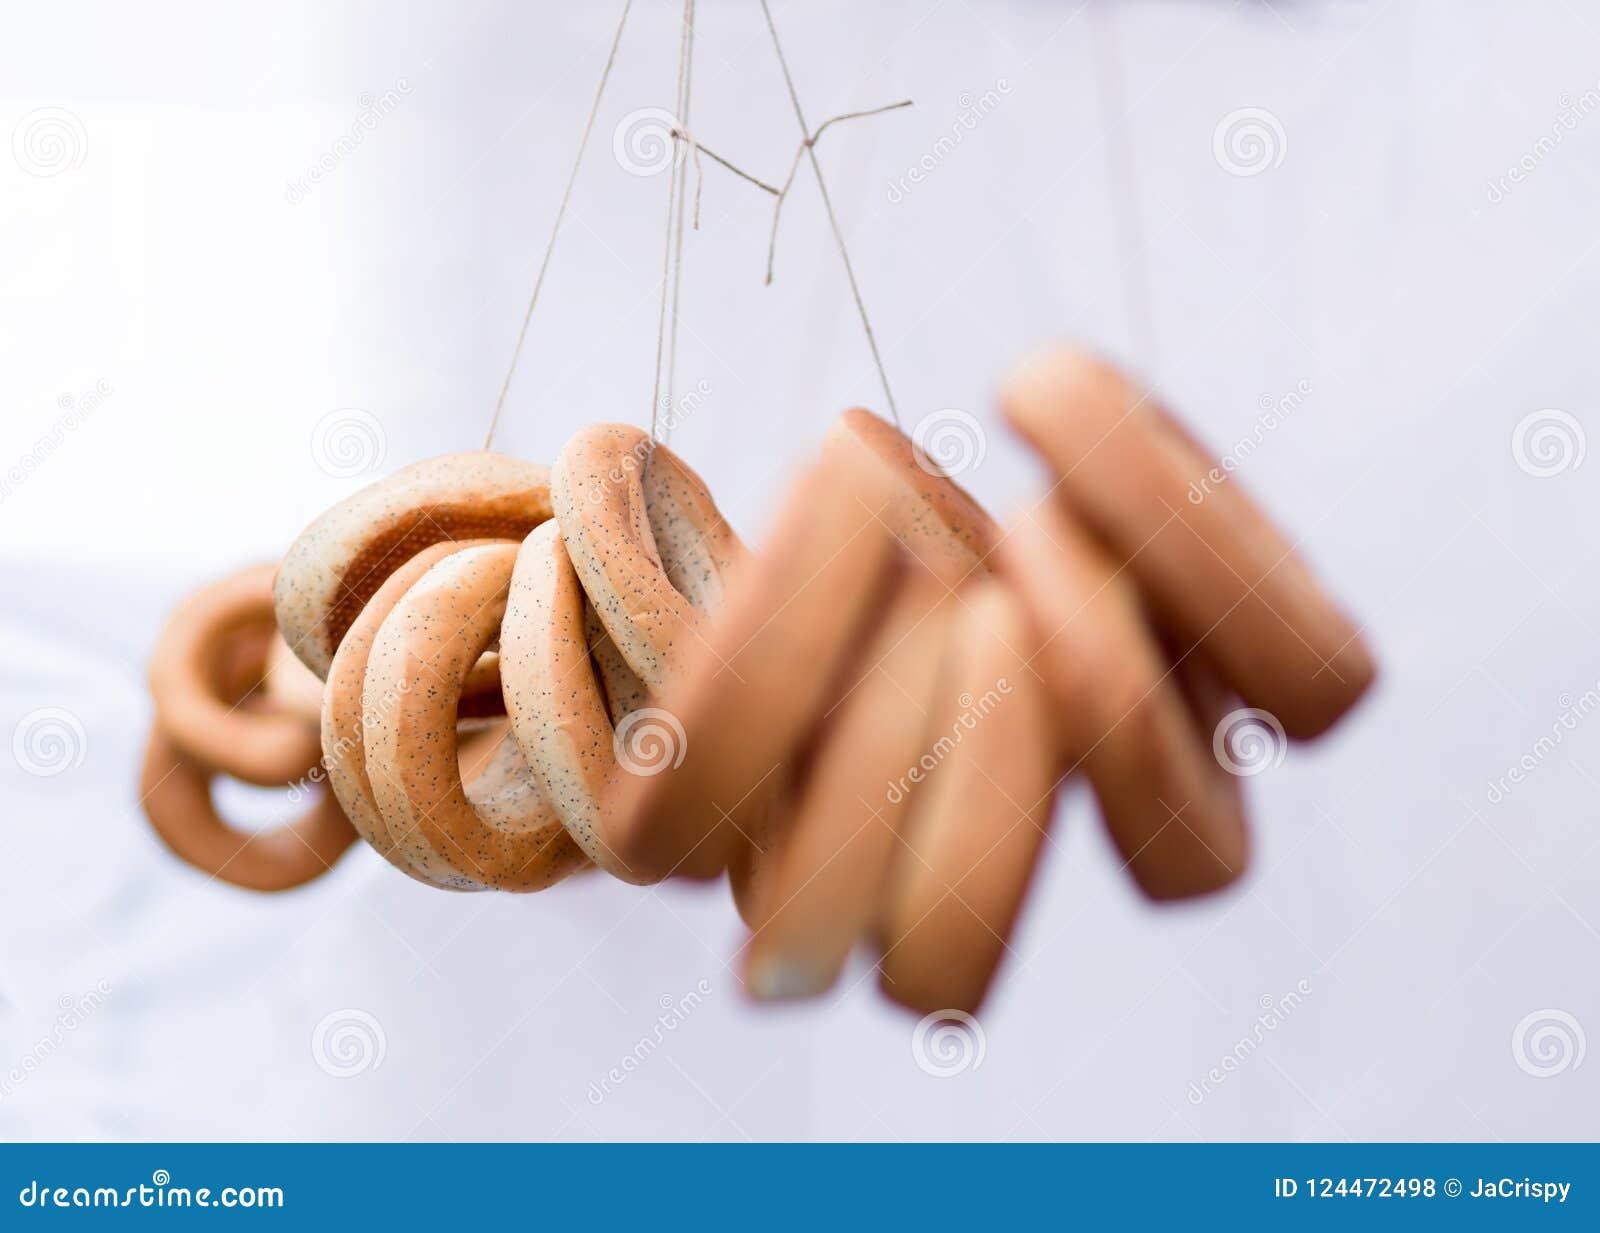 Petits pains de forme annulaire dans un prix à vendre sur le fond blanc, bagels